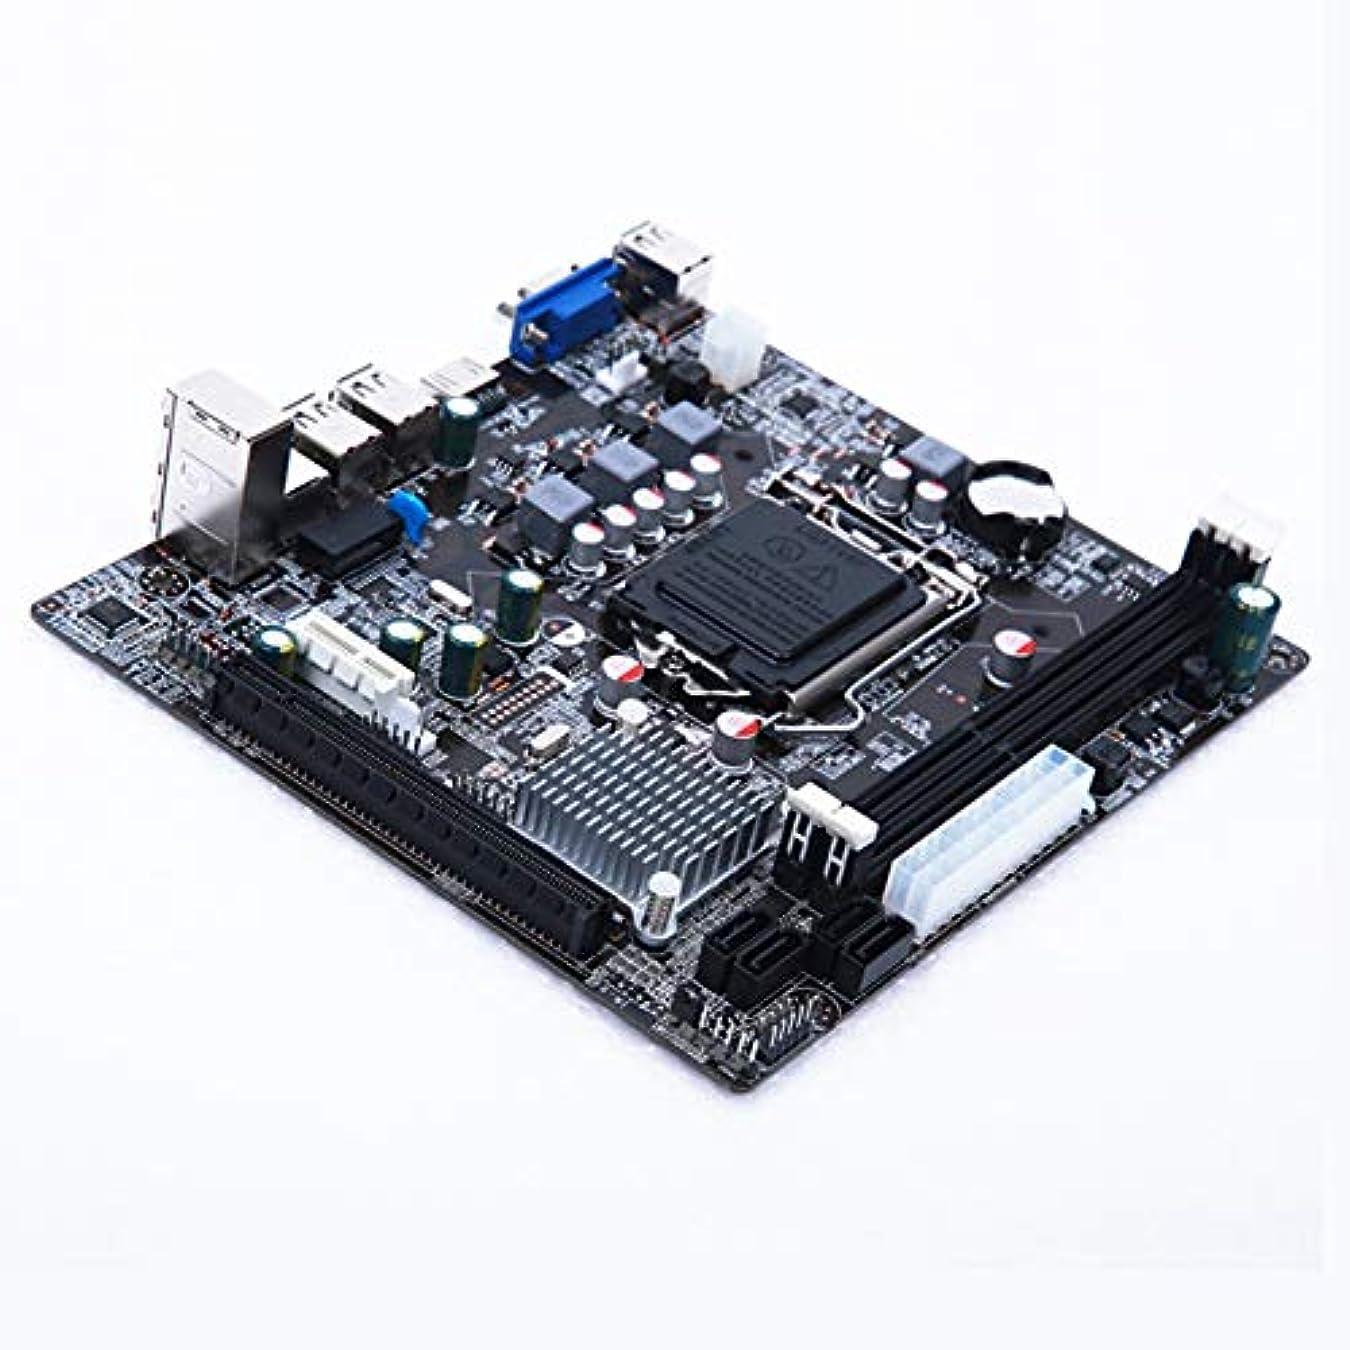 欠伸解釈するたっぷりHeaven2017 DDR3 マイクロATX マザーボード Intel H61用 938ILR470MLZPJH06NLBU5J2PV